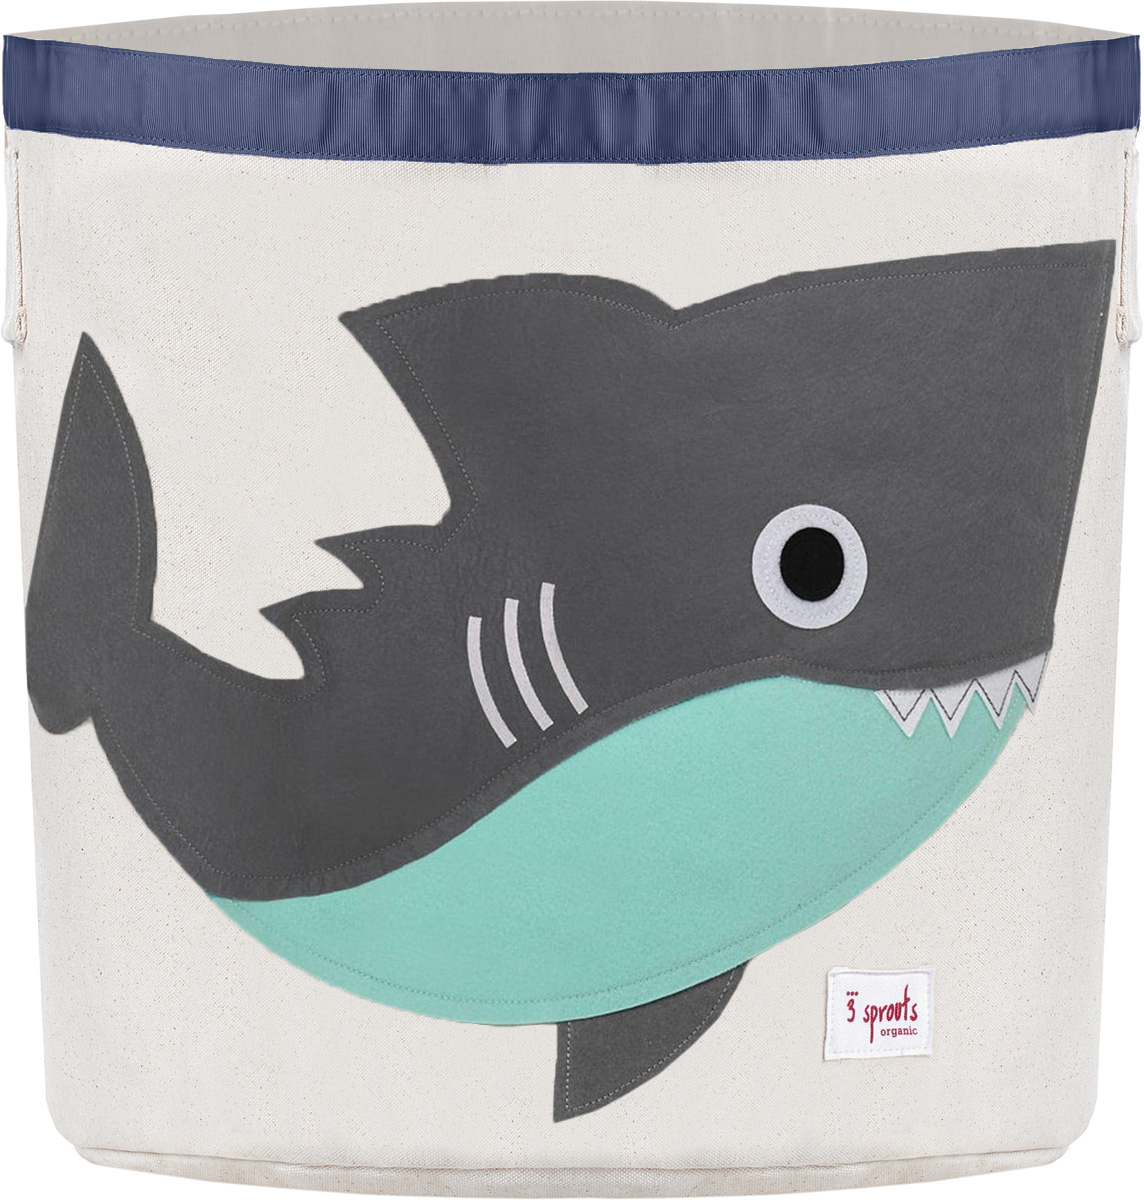 3 Sprouts Корзина для хранения Серая акула1092019Универсальная корзина для хранения 3 Sprouts Серая акула поможет вам навести порядок в детской.Размер корзины позволяет хранить в ней игрушки, книжки или белье. Корзина легко складывается, когда в ее использовании нет необходимости, тем самым сохраняя простор вашего дома. Корзина для хранения вещей - идеальный подарок для новорожденных, младенцев и детей.